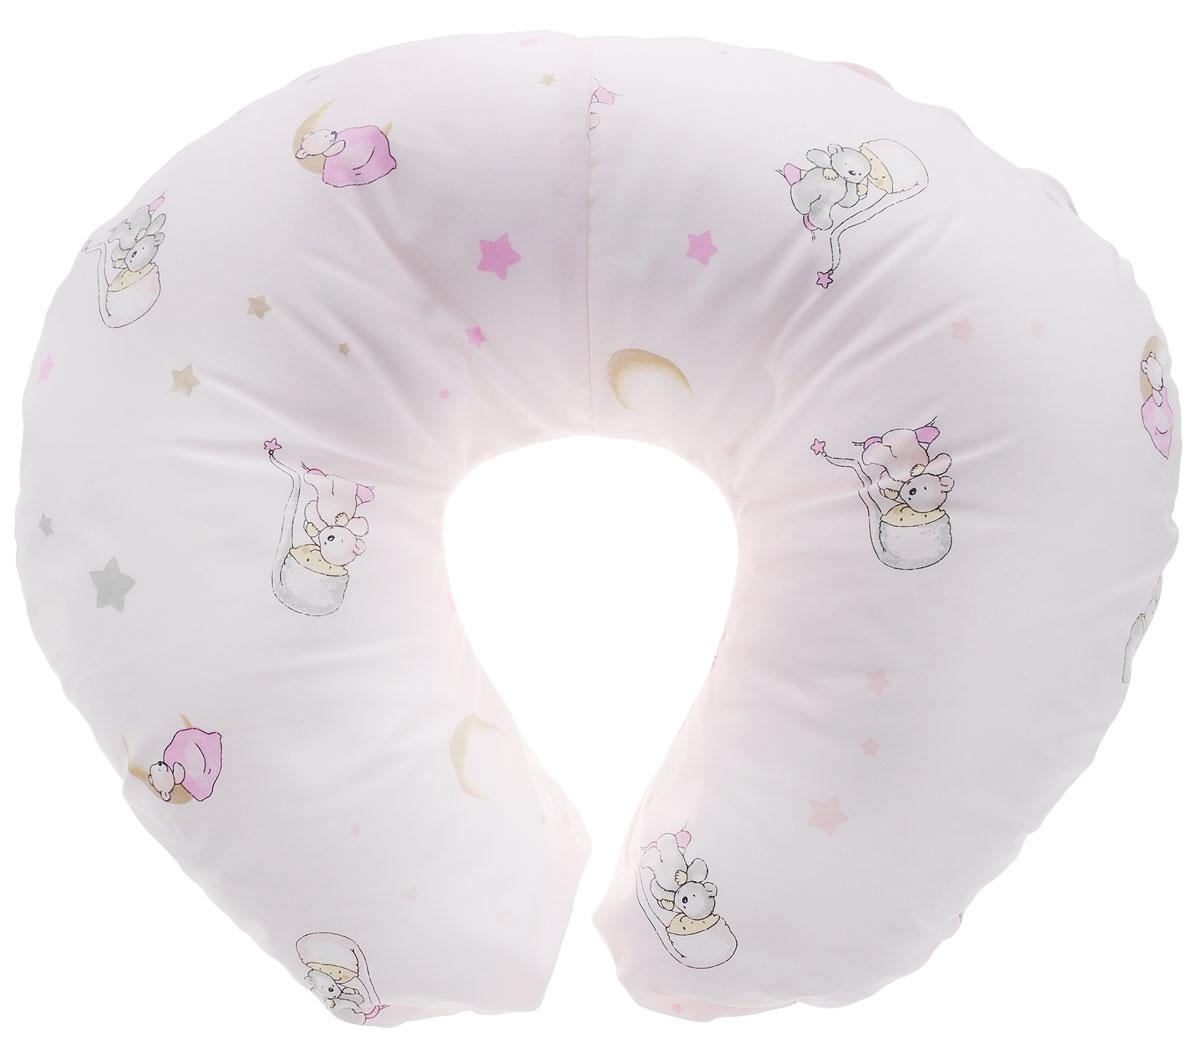 Plantex Подушка для кормящих и беременных мам Comfy Small Мишка и Луна цвет бледно-розовый01030_мишка и лунаМногофункциональная подушка Plantex Comfy Small идеальна для удобства ребенка и его родителей. Зачастую именно эта модель называется подушкой для беременных. Ведь она создана именно для будущих мам с учетом всех анатомических особенностей в этот период. На любом сроке беременности она бережно поддержит растущий животик и поможет сохранить комфортное и безопасное положение во время сна.Подушка идеально подходит для кормления уже появившегося малыша. Позже многофункциональная подушка поможет ему сохранить равновесие при первых попытках сесть.Чехол подушки выполнен из 100% хлопка и снабжен застежкой-молнией, что позволяет без труда снять и постирать его. Наполнителем подушки служат полистироловые шарики - экологичные, не деформируются сами и хорошо сохраняют форму подушки.Подушка для кормящих и беременных мам Plantex Comfy Small - это удобная и практичная вещь, которая прослужит вам долгое время.Подушка поставляется в сумке-чехле.При использовании рекомендуется следующий уход: наволочка - машинная стирка и глажение, подушка с наполнителем - ручная стирка.